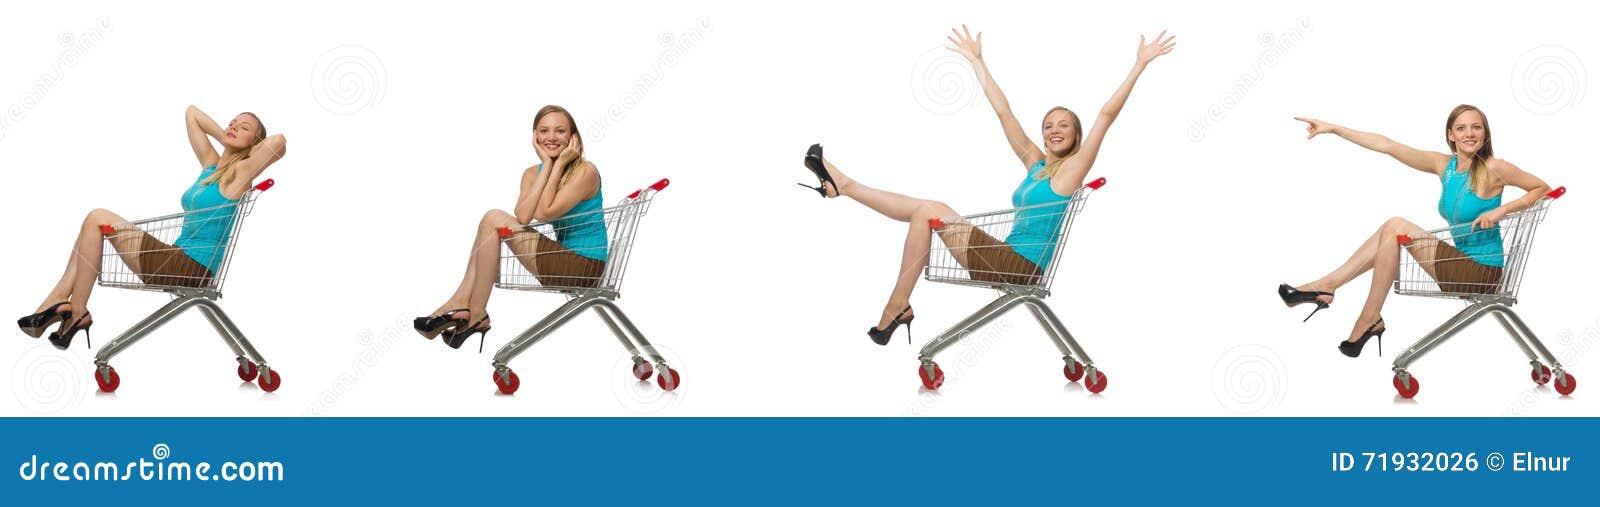 Составное фото женщины с корзиной для товаров